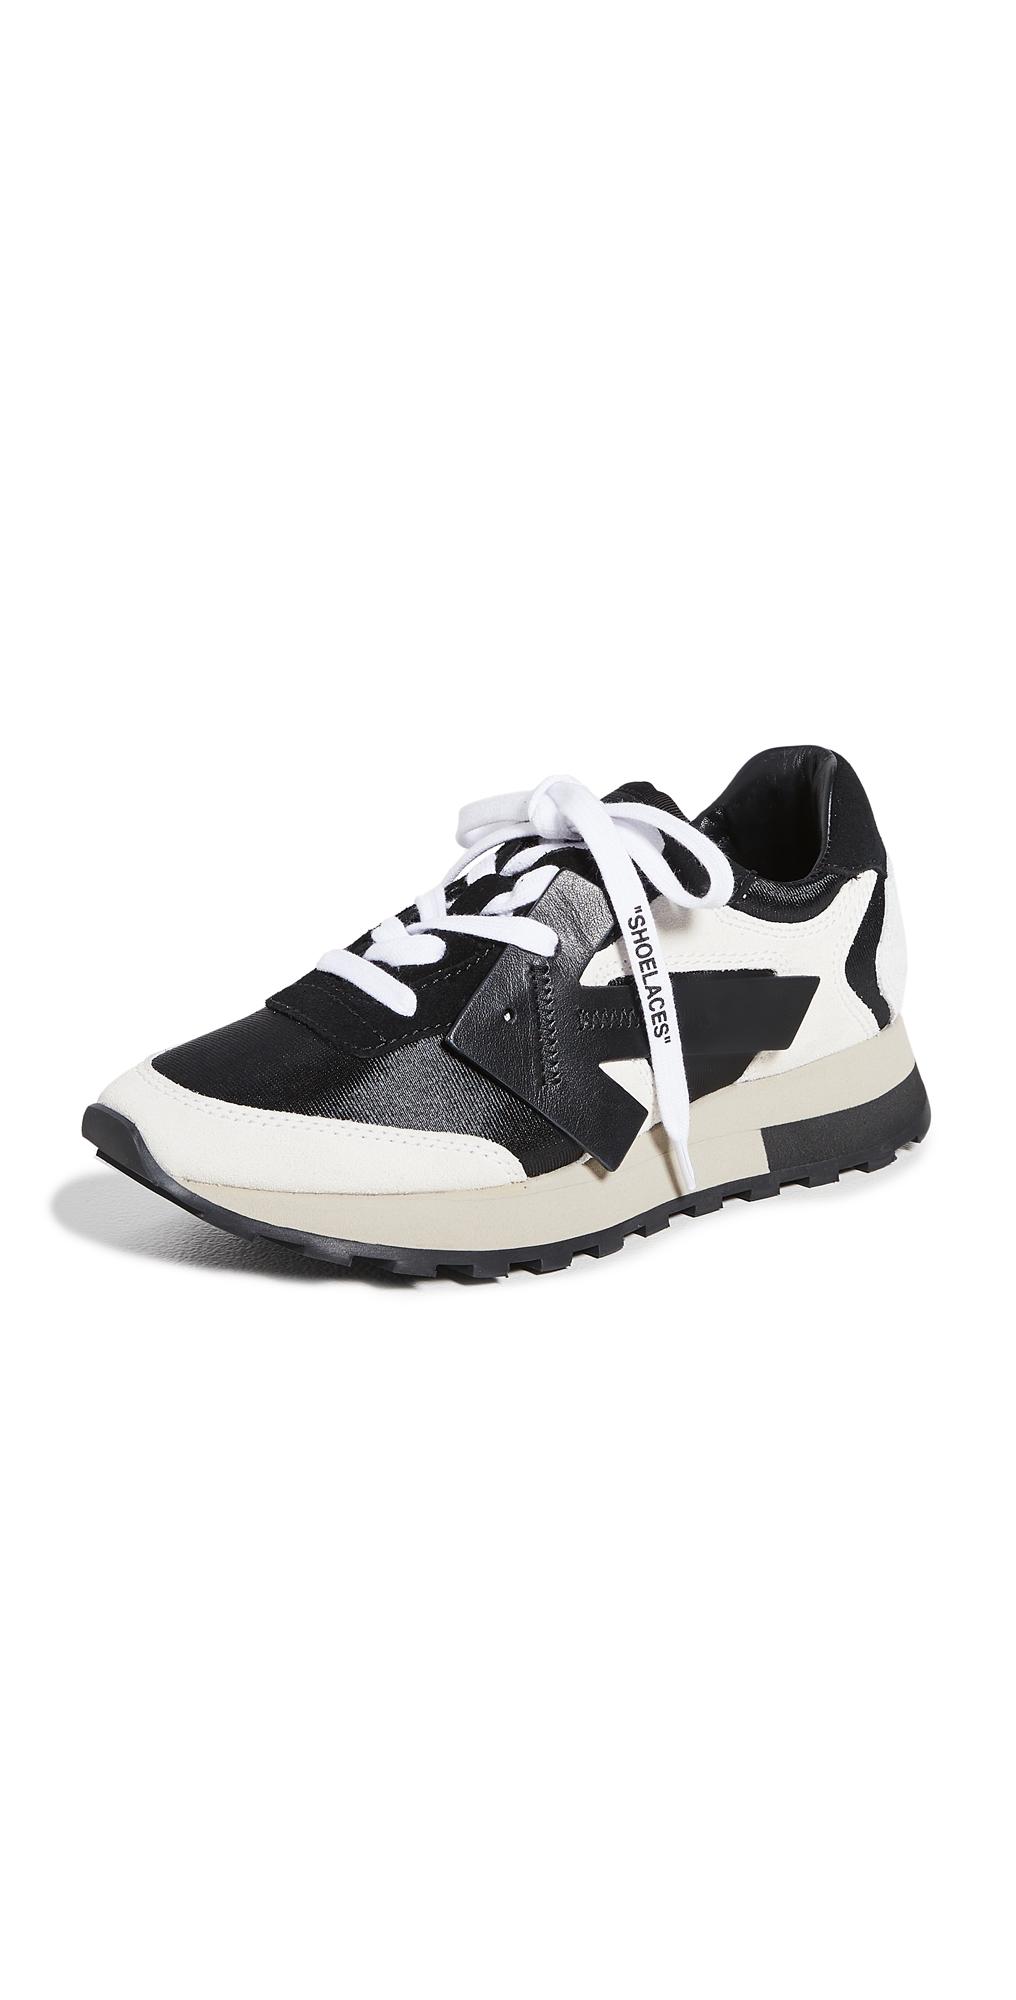 Off-White Hg Runner Sneakers